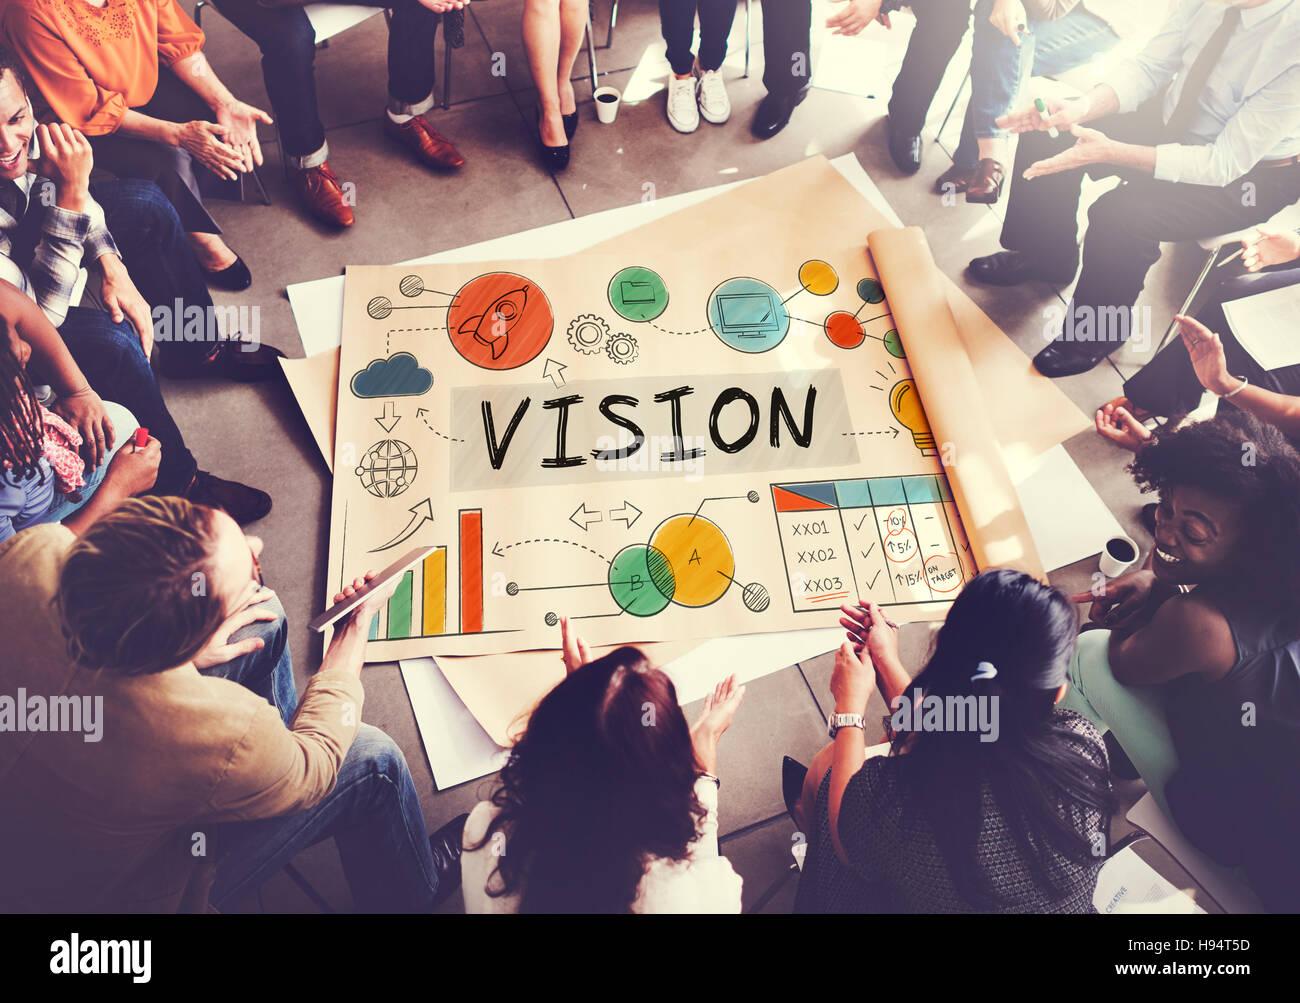 La croissance de l'entreprise Vision Concept cible de l'entreprise Photo Stock